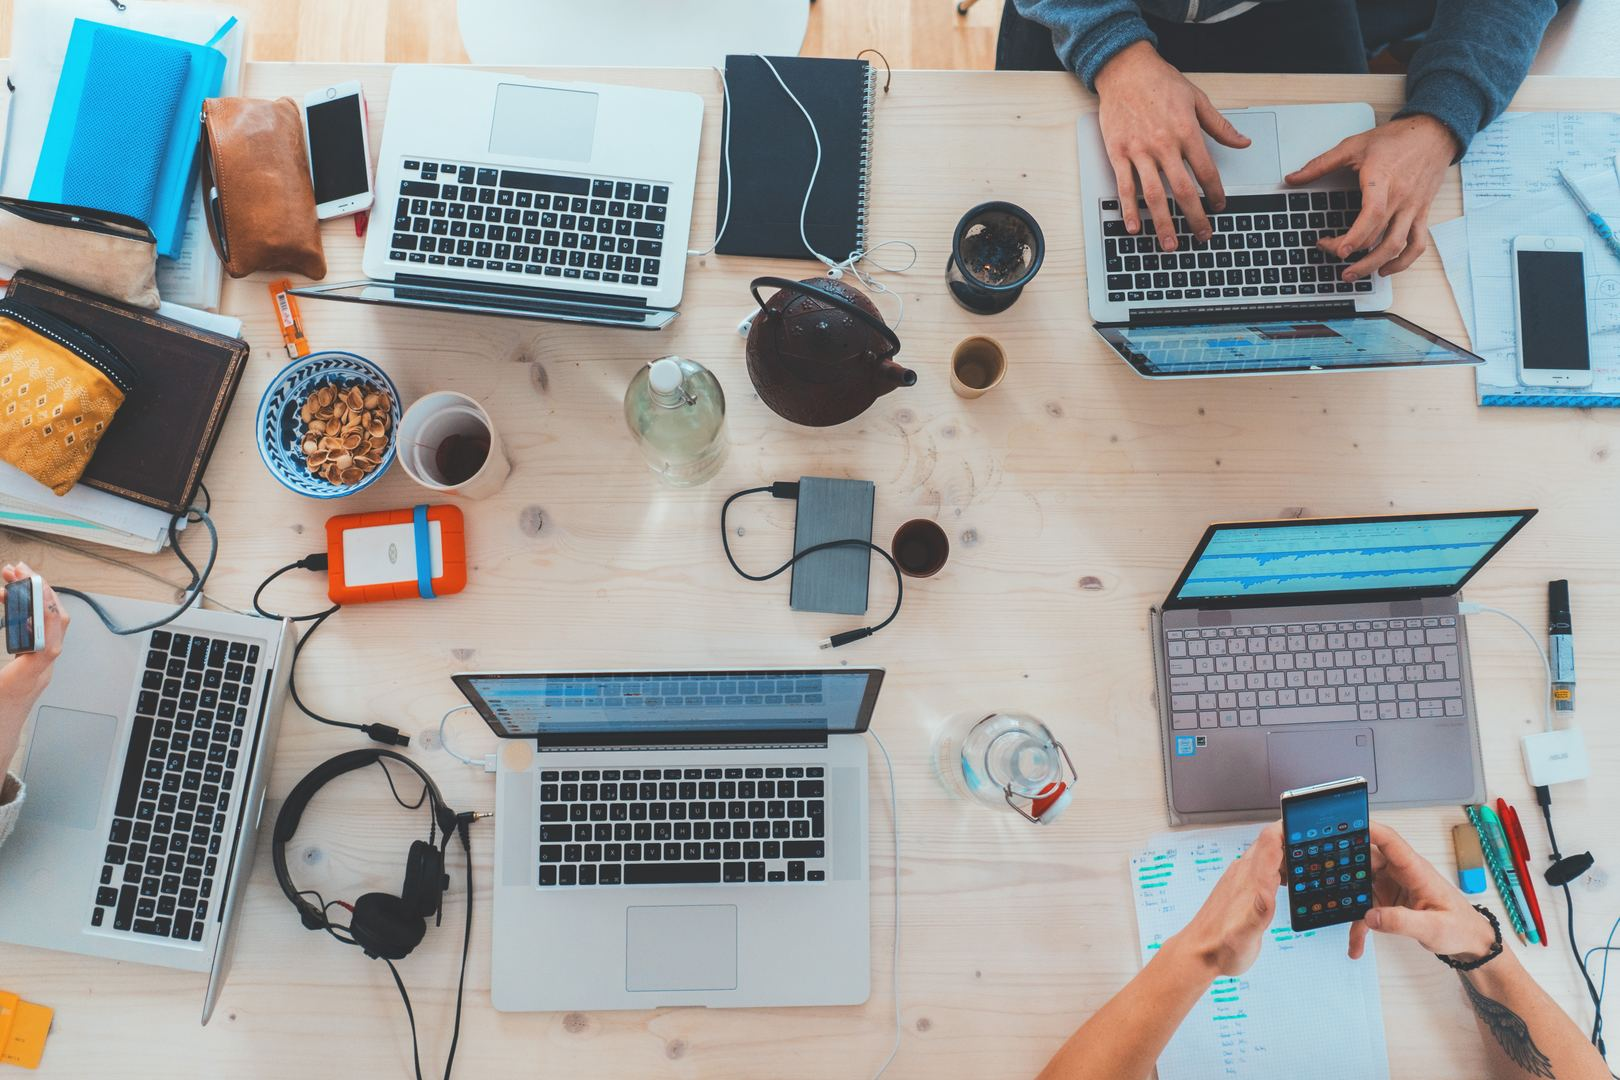 5 лучших ноутбуков 2018 года — на любой кошелёк и вкус